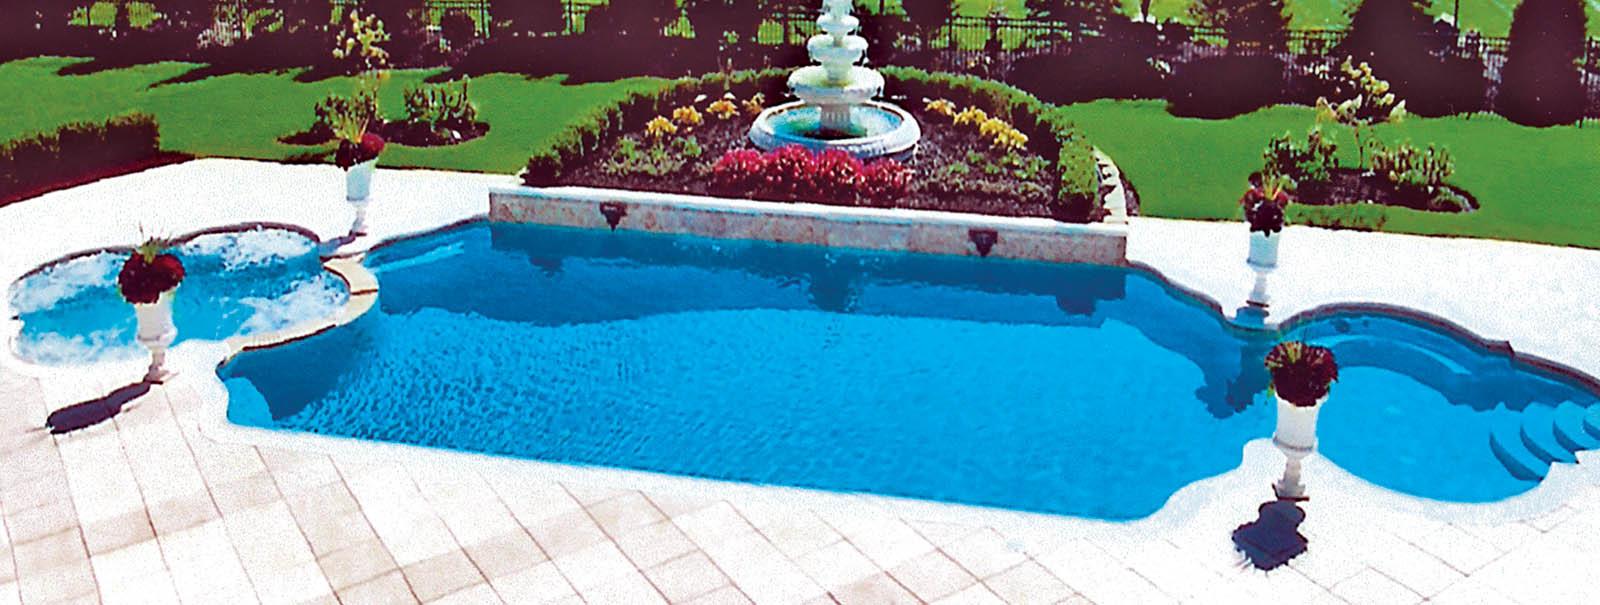 Virginia Swimming Pool Builder